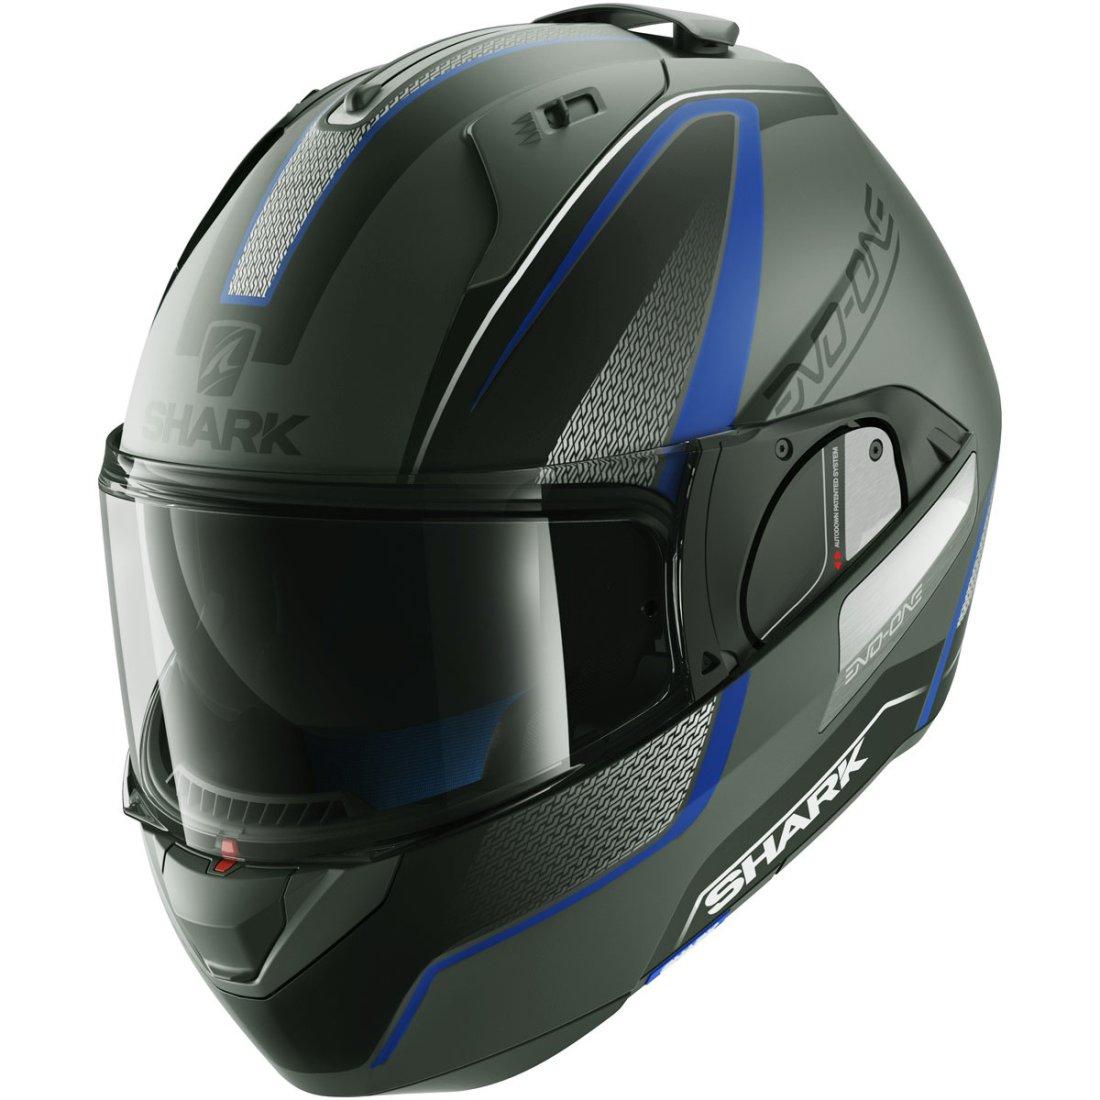 shark evo one astor mat silver black blue helmet motocard. Black Bedroom Furniture Sets. Home Design Ideas